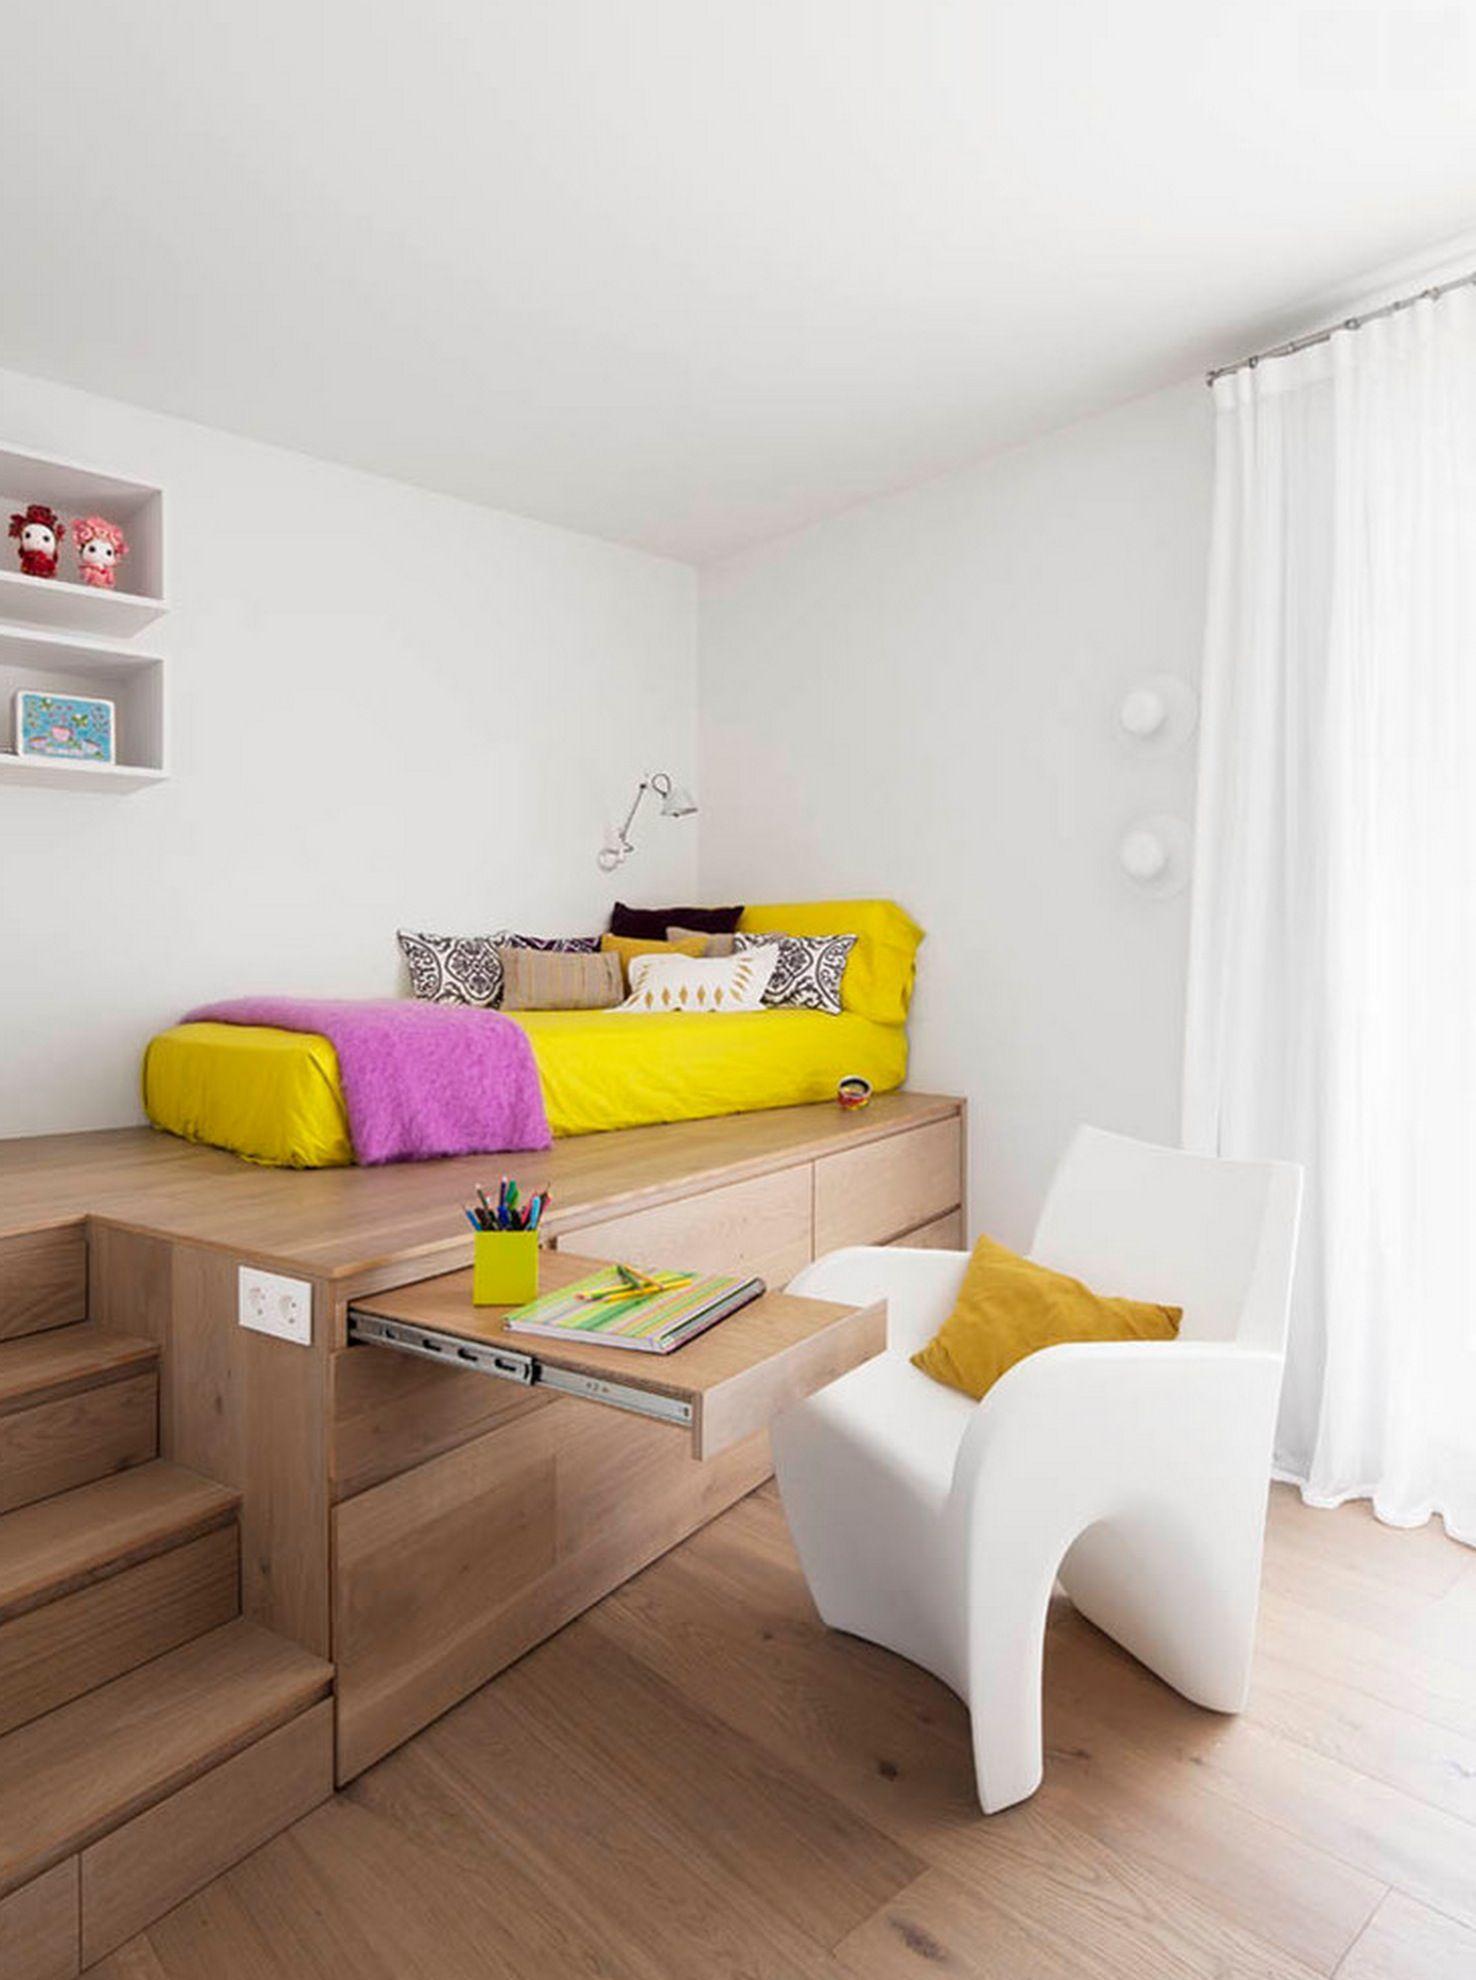 Giường ngủ có thể tận dụng làm bàn học